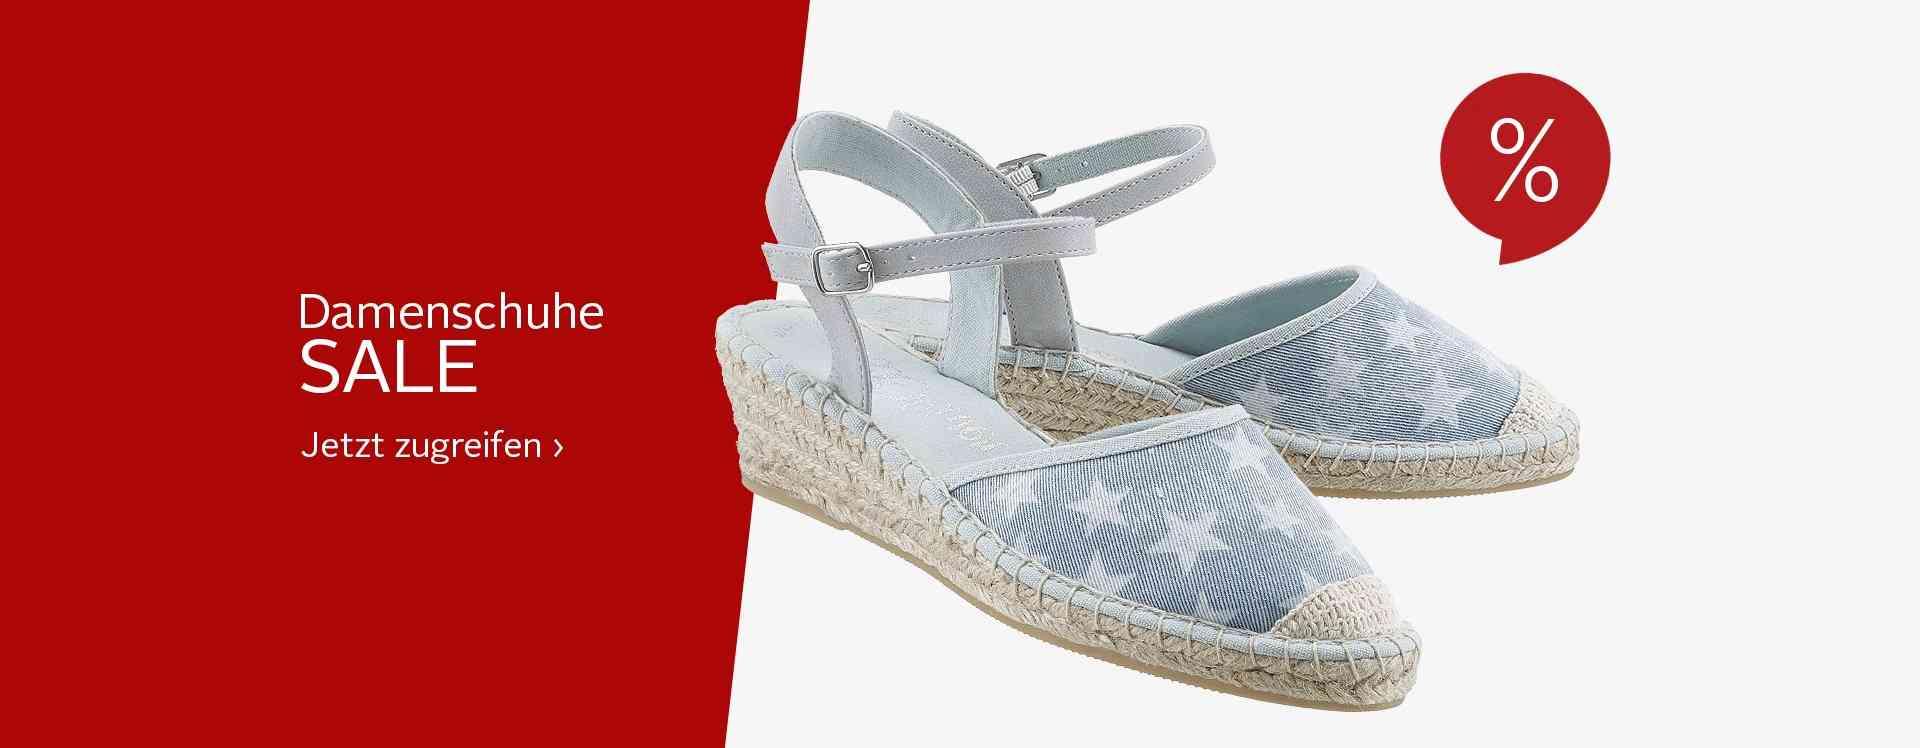 Schritt für Schritt den Schnäppchen bei OTTO entgegen - angesagte Schuhe zu absoluten Top-Preisen!